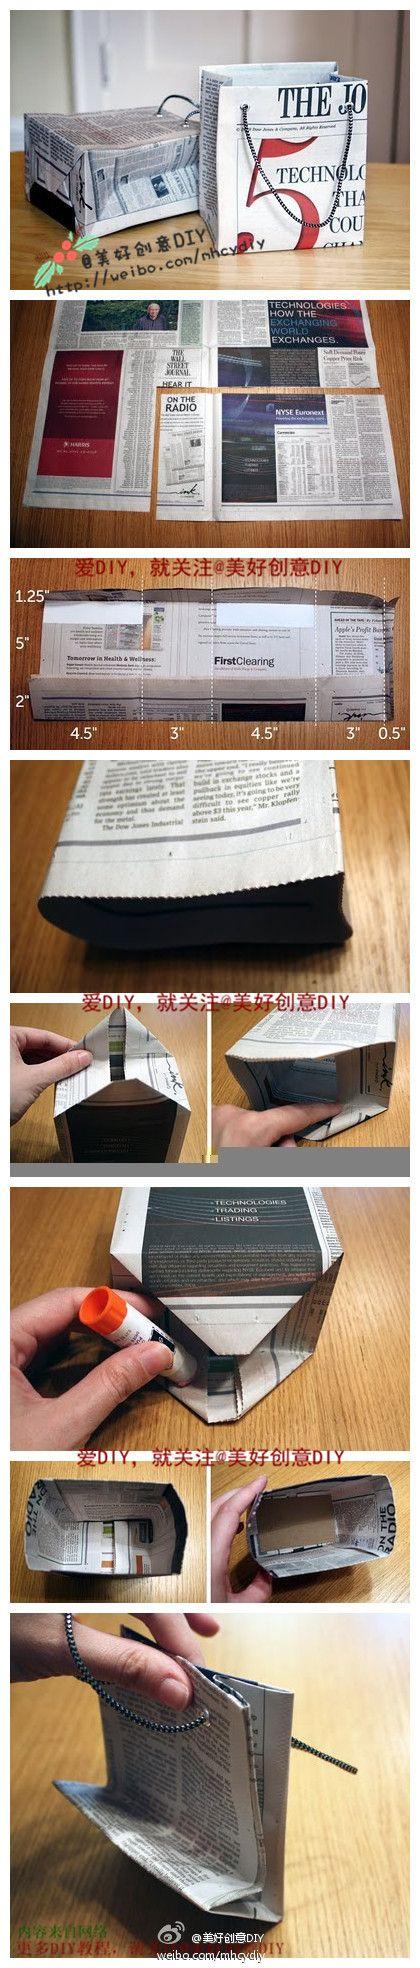 Как да си направим чанта за подарък от вестник